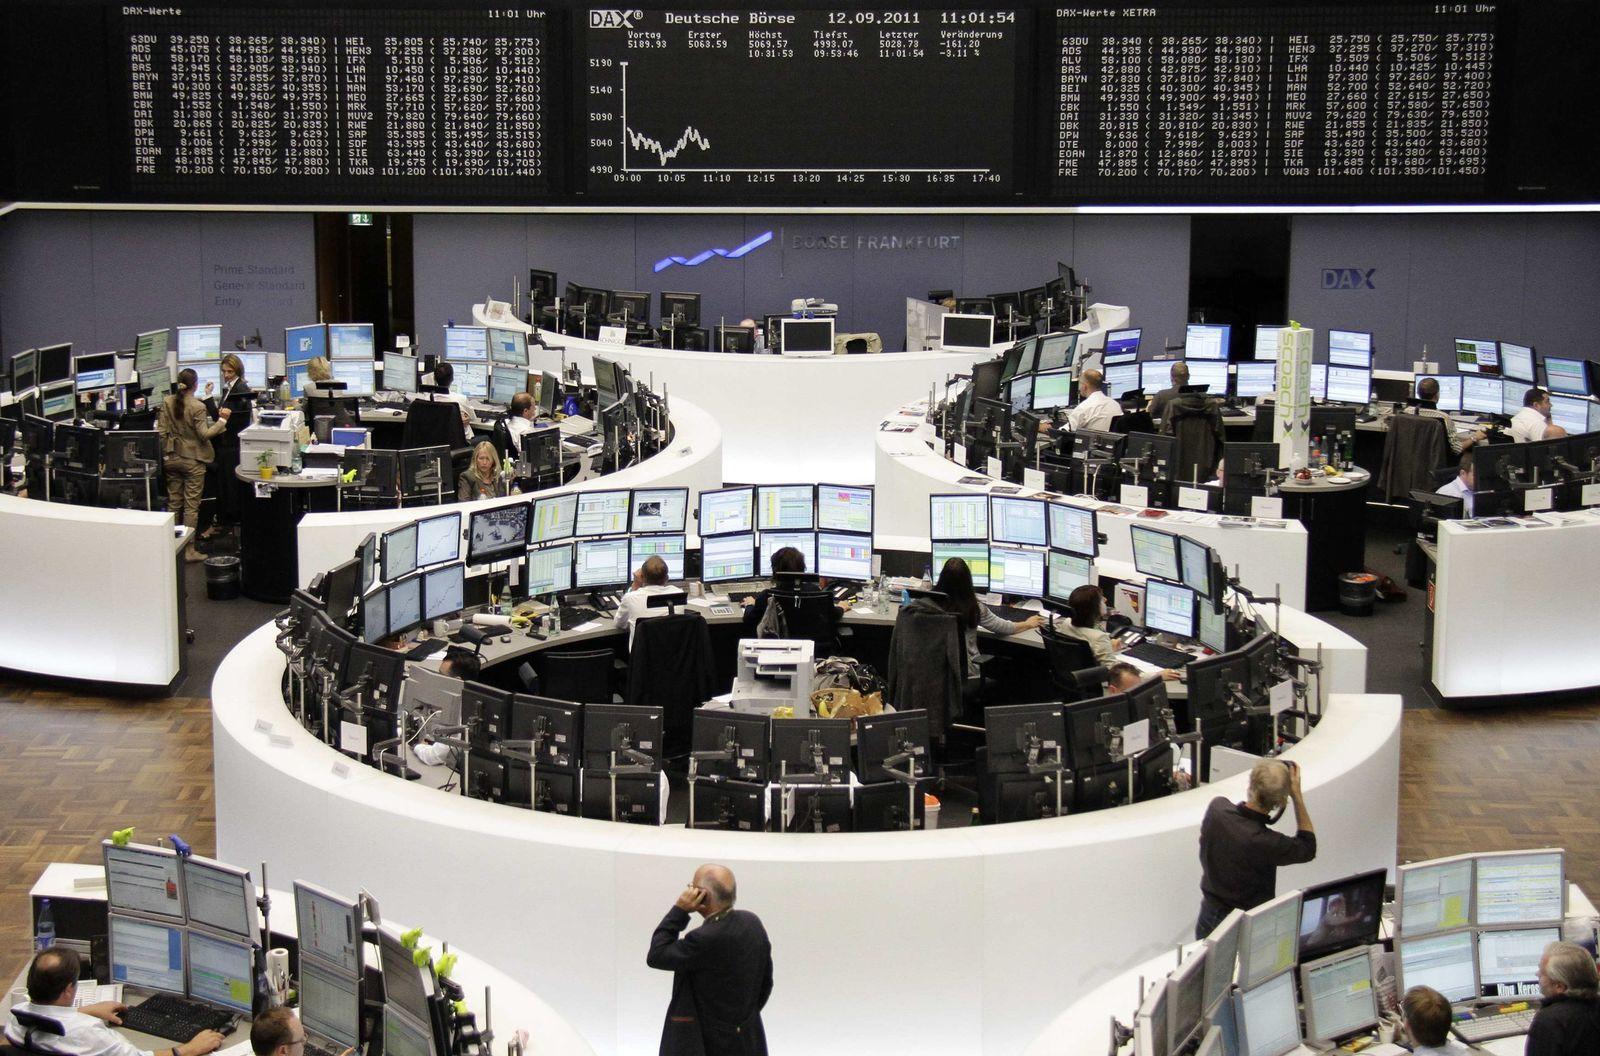 Frankfurter Börse XXL